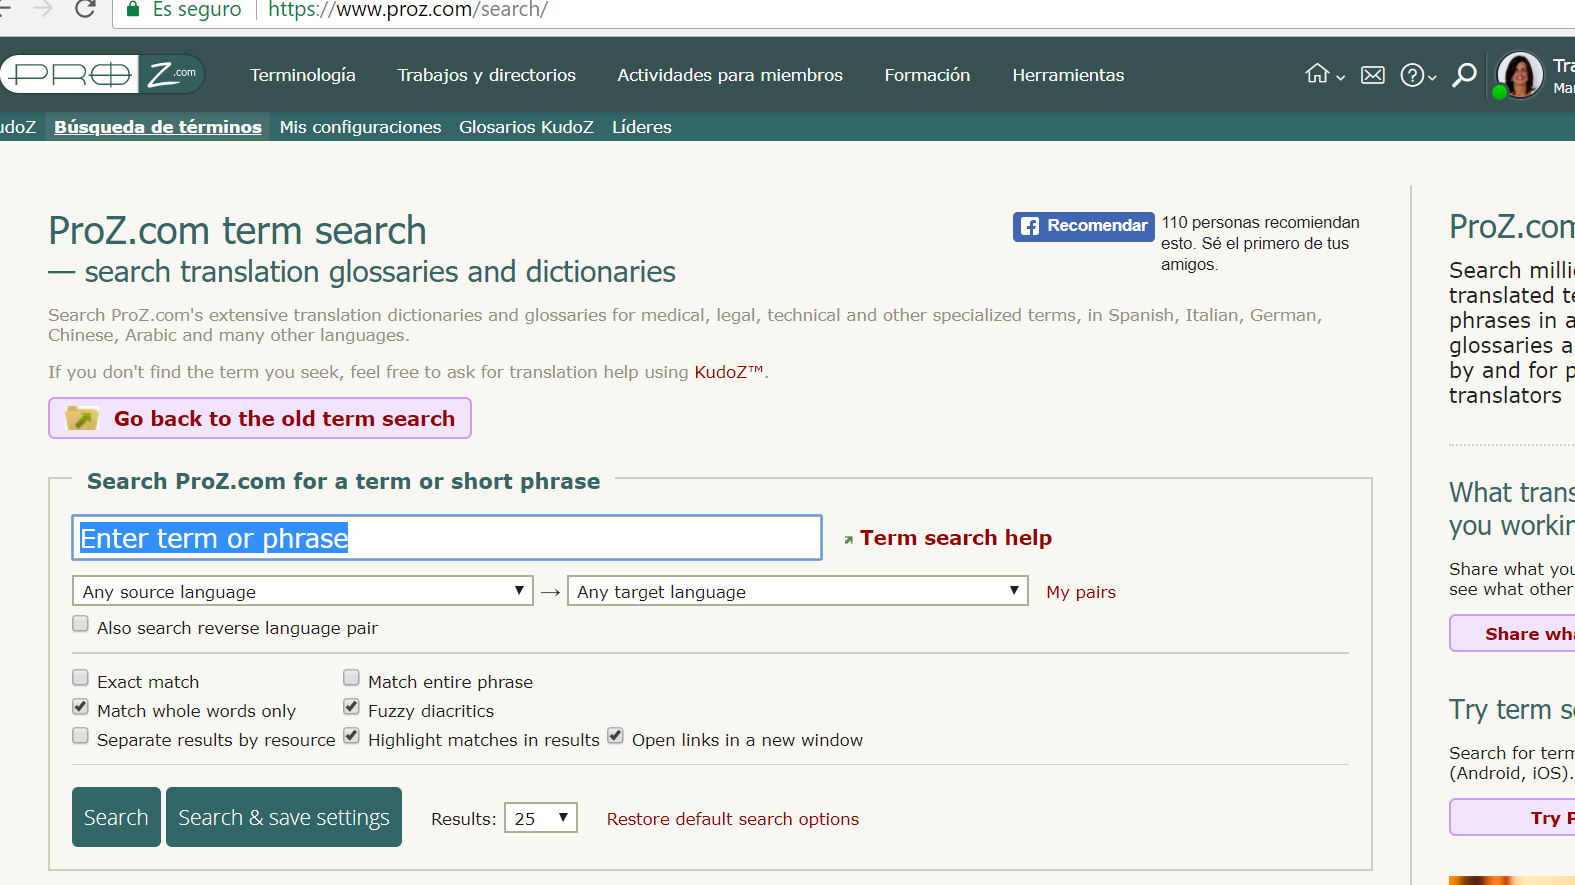 diccionarios y glosarios: proz